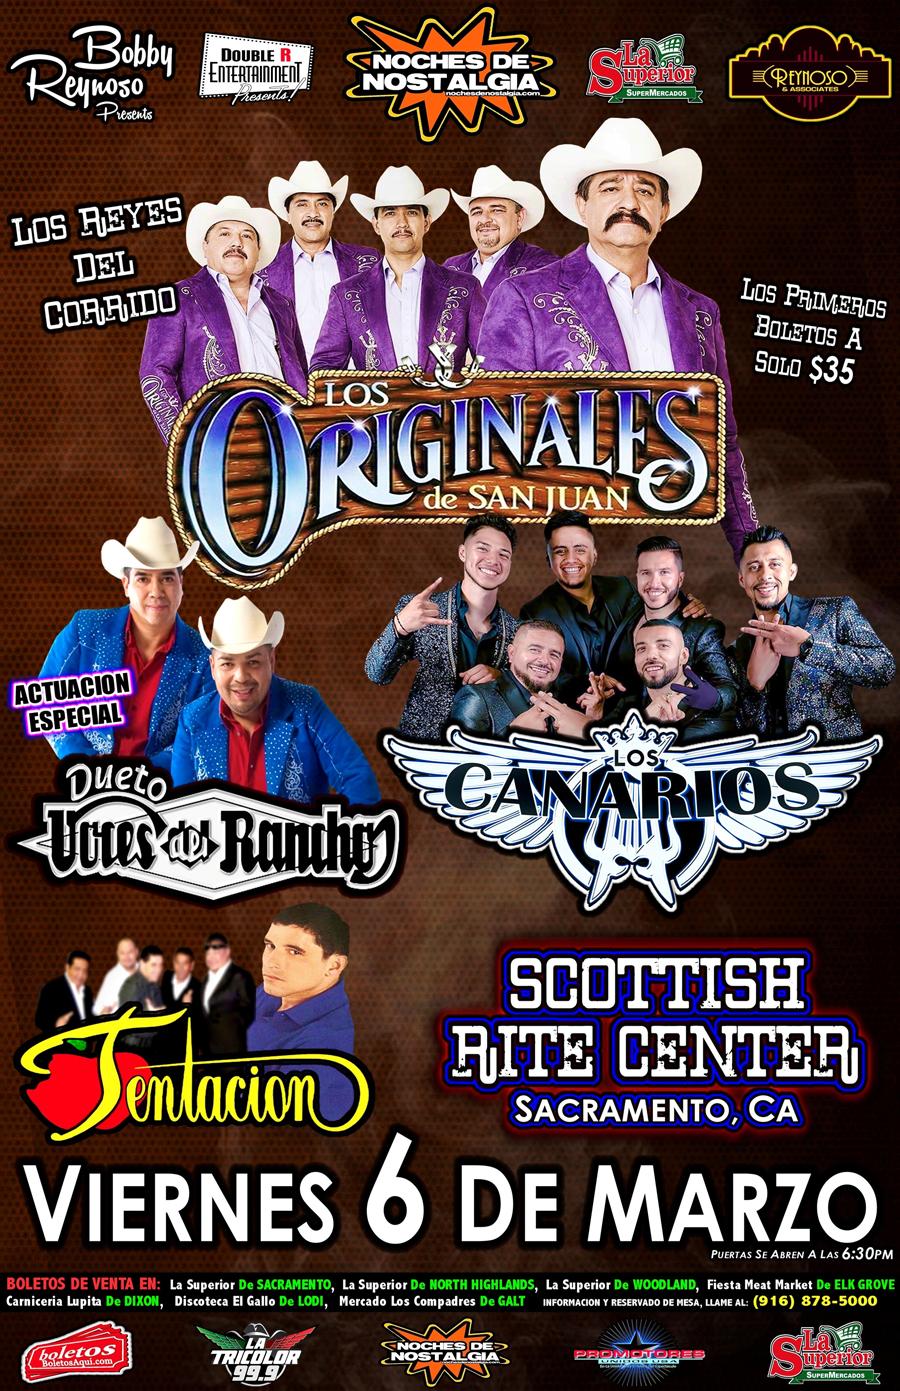 Los Originales de San Juan, Los Canarios, Tentacion y La Actuacion Especial de Dueto Voces del Rancho. – Scottish Rite Center – Sacramento, CA